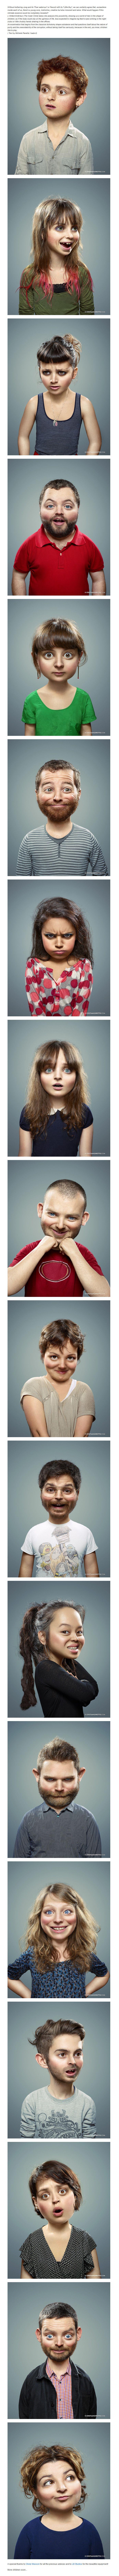 Faces http://www.behance.net/gallery/LEnfant-Extrieur/6039681